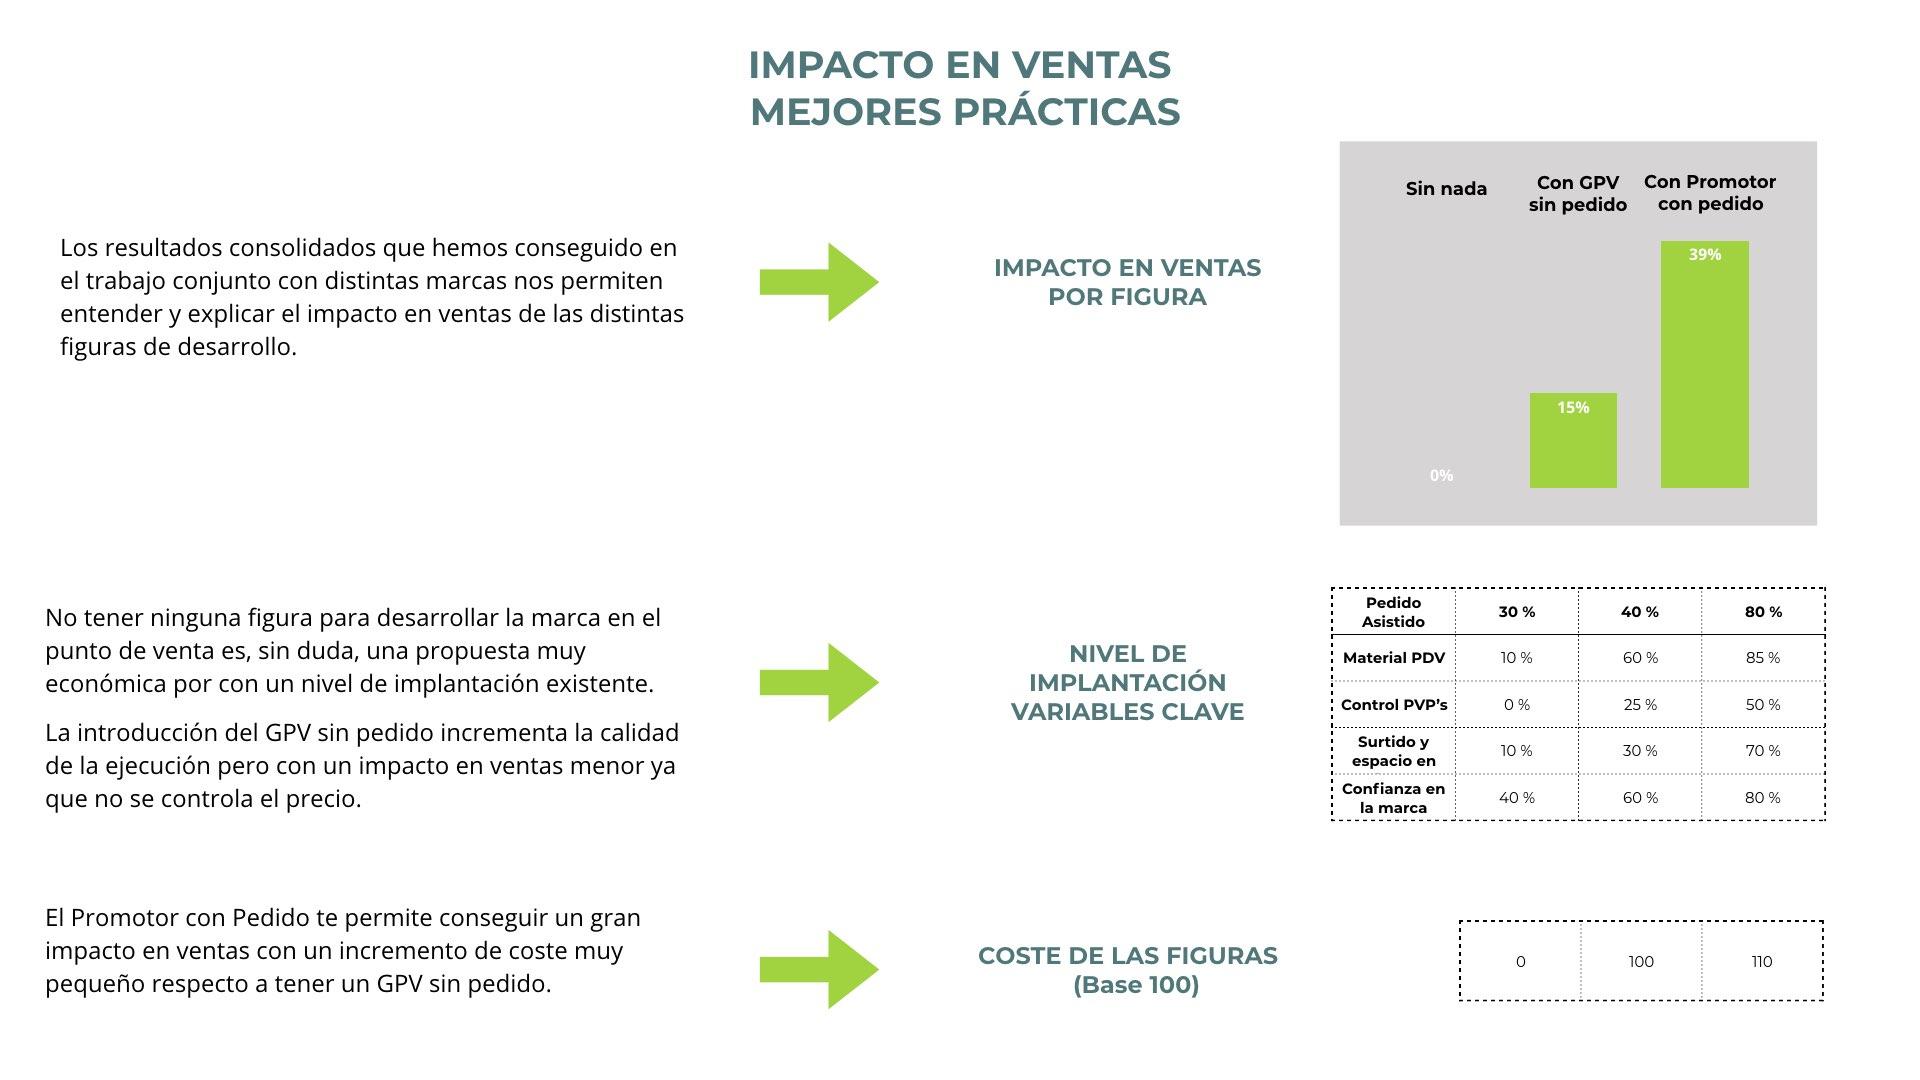 Genneraventa: Impacto en ventas